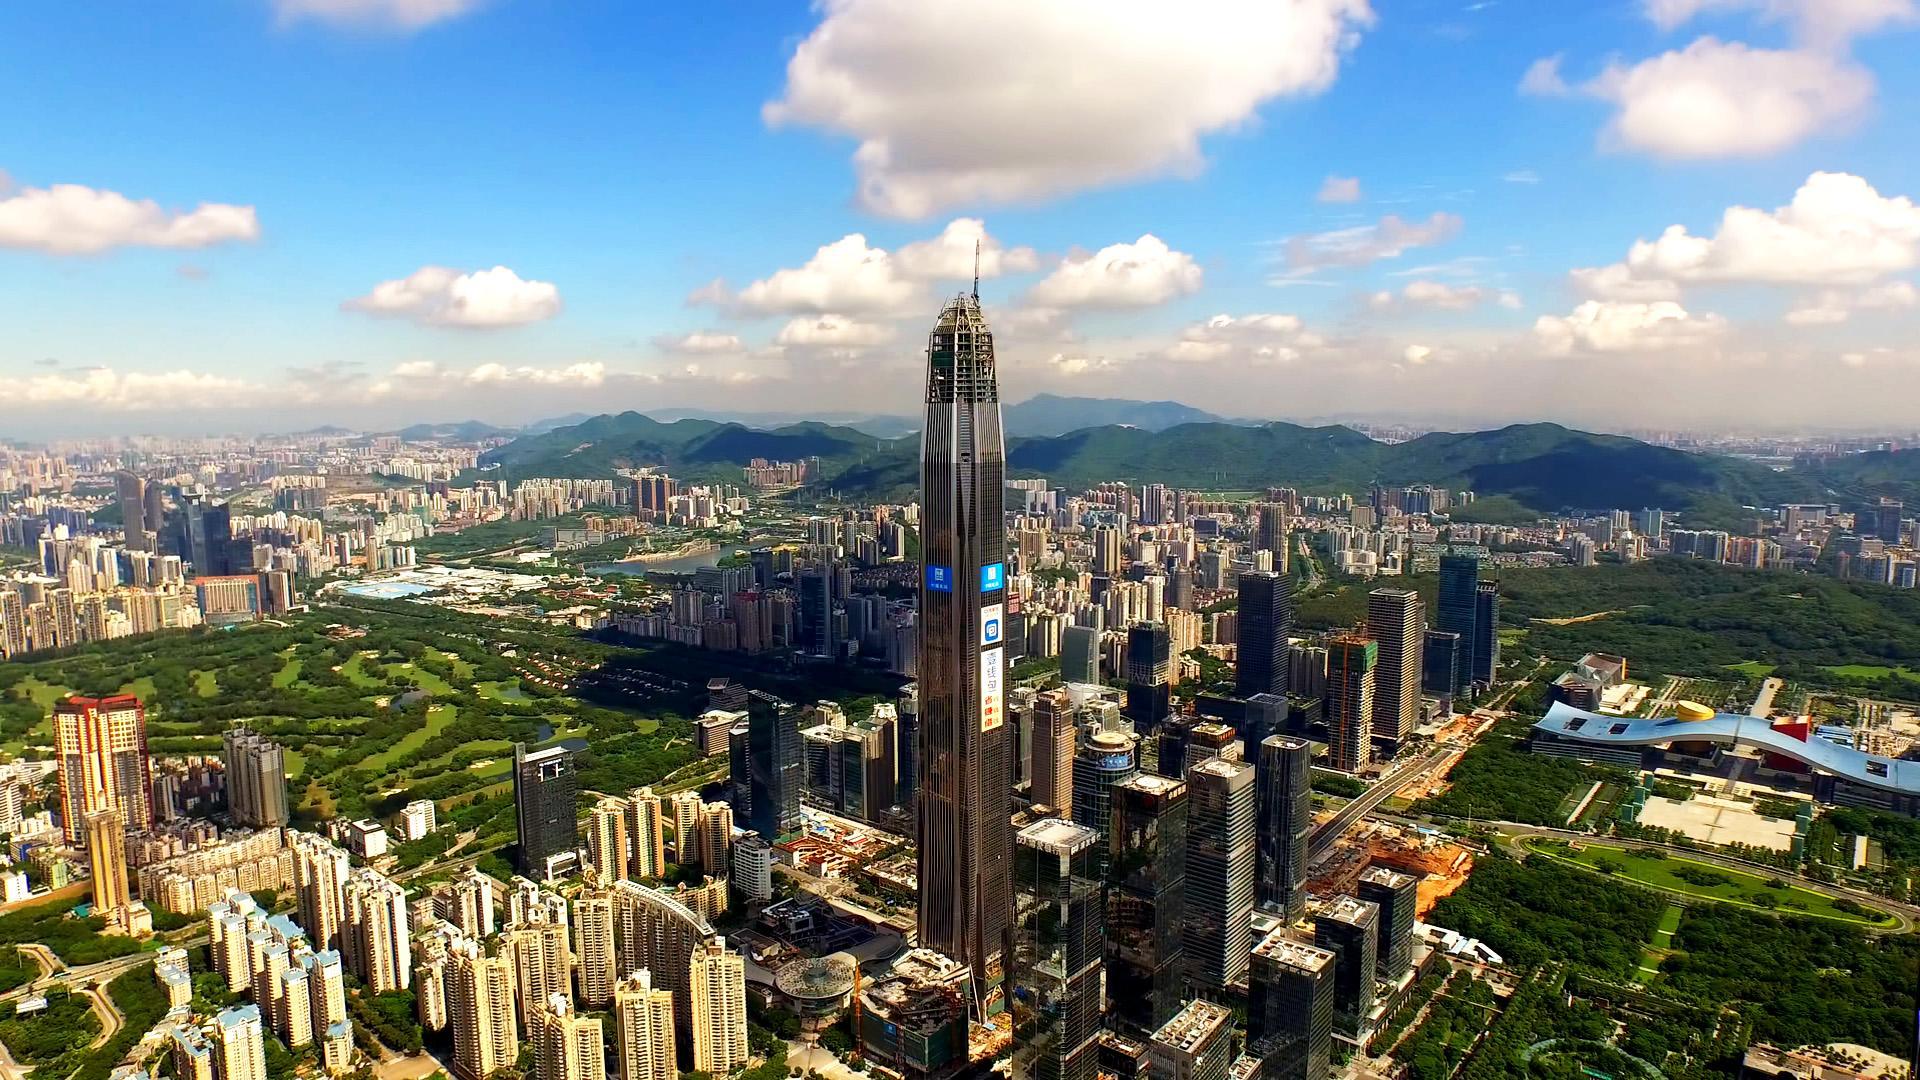 2021年深圳市委常委名單,2021年深圳政府領導班子名單